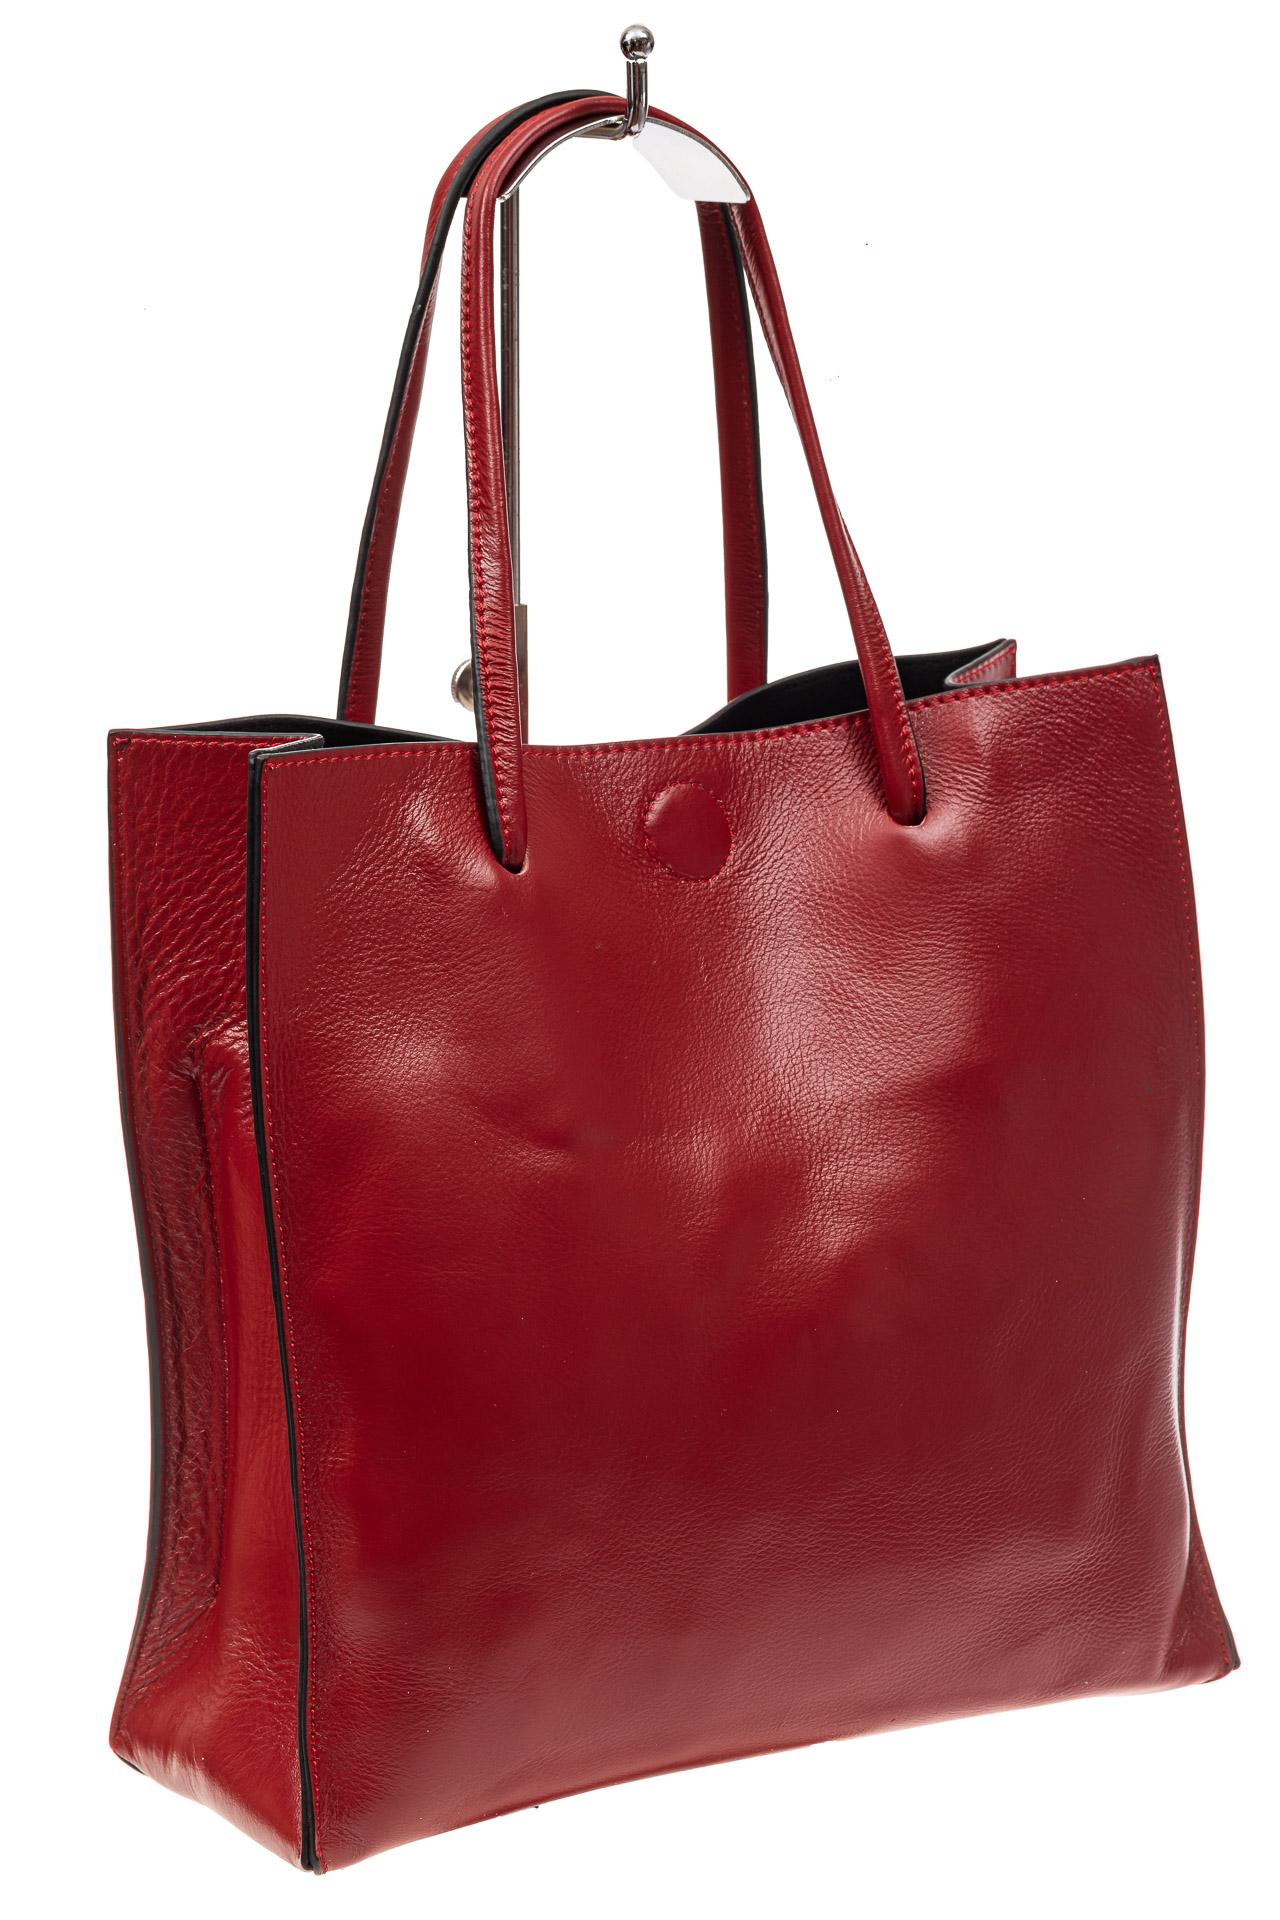 Женская сумка-мешок из натуральной кожи, цвет красный9029NK1019/3